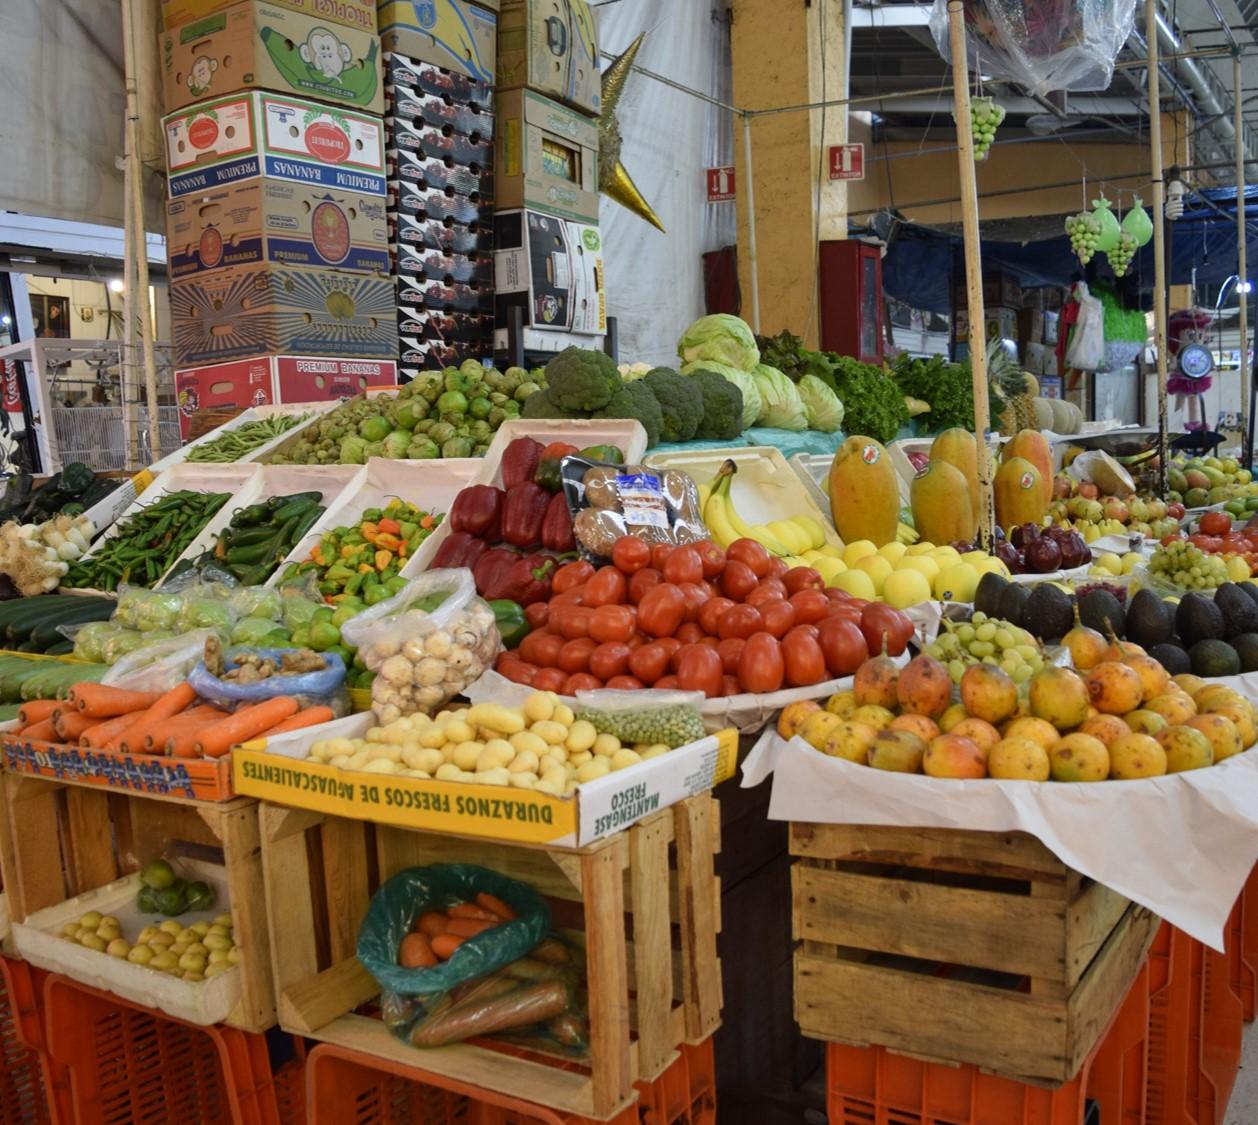 Dieta fruta y verdura 3 dias